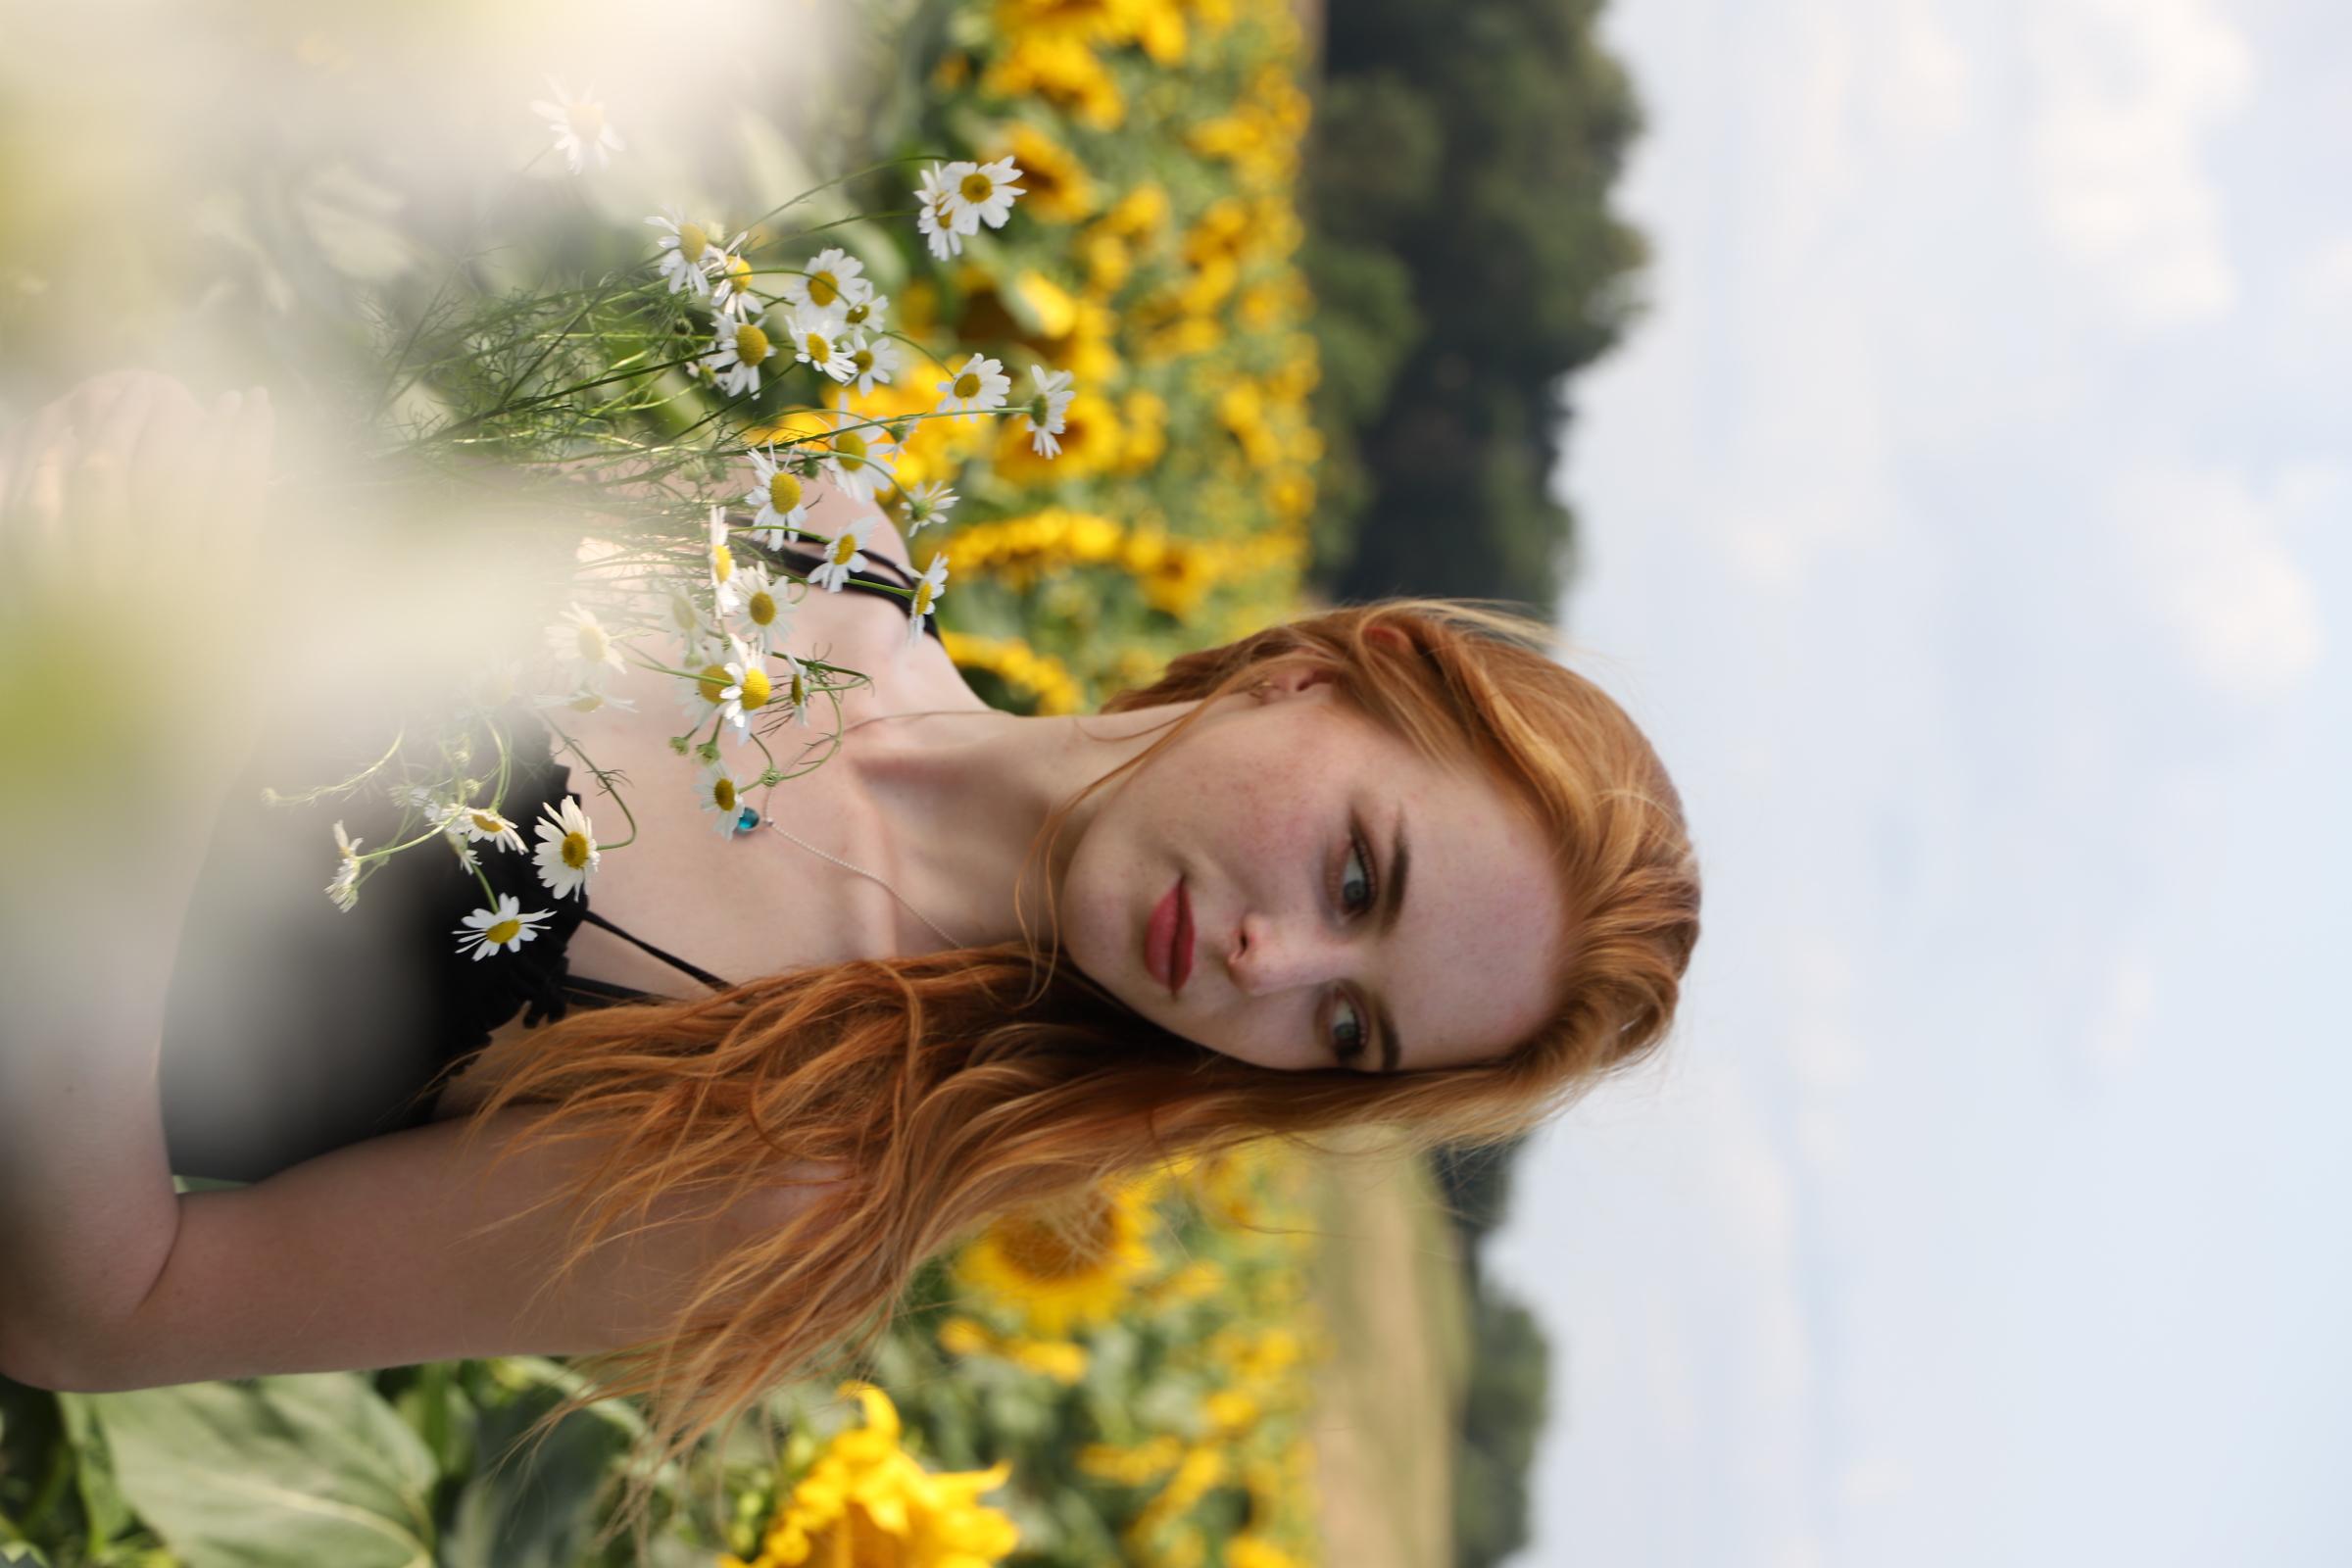 Anna-Sophie aus Angermünde Haarfarbe: rot (orange), Augenfarbe: blau, Größe: 176, Deutsch: 0, Englisch: , Französisch: , Spanisch: